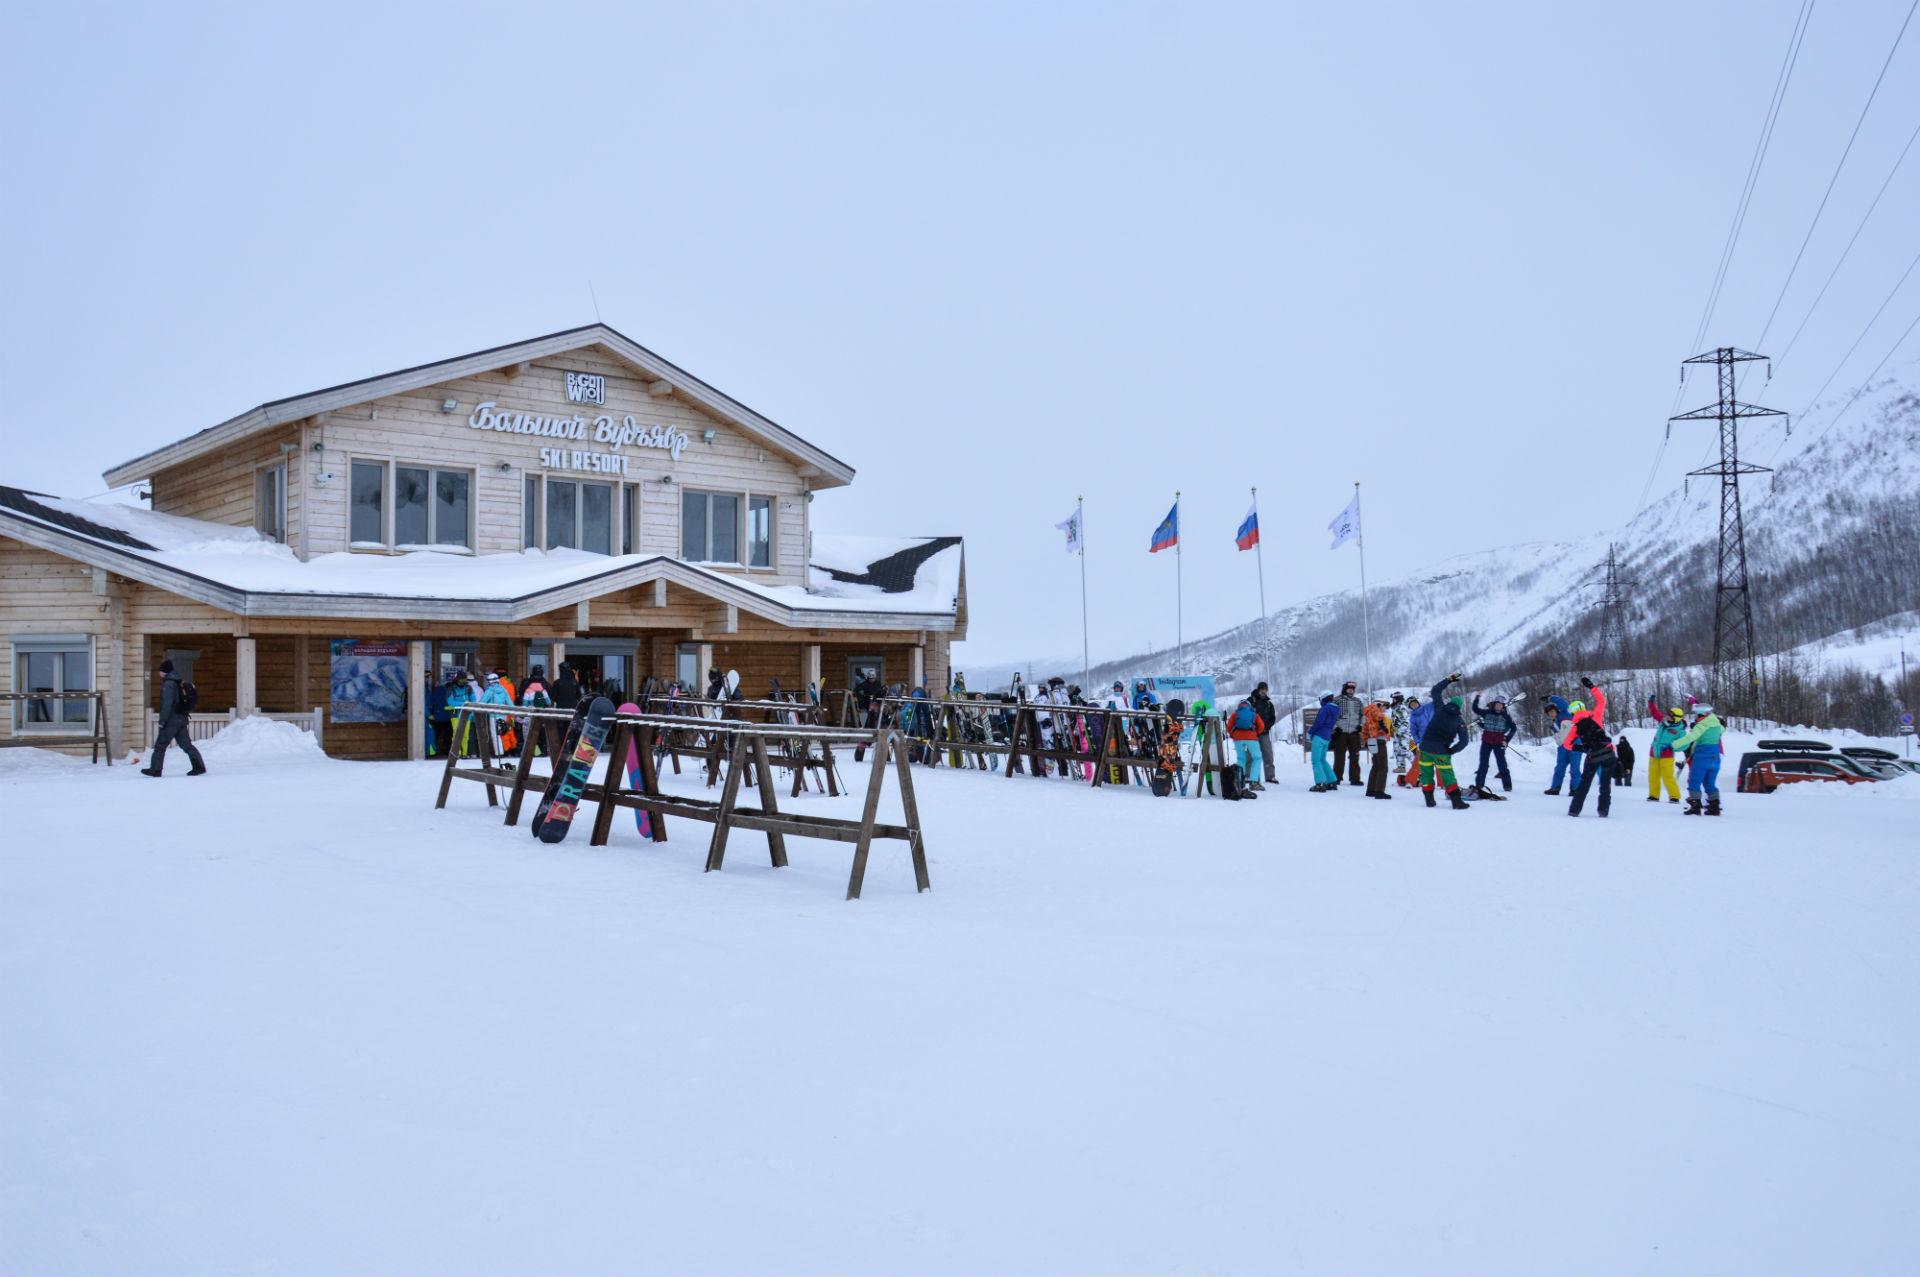 Sciatori e snowboarder affollano questo nuovo resort